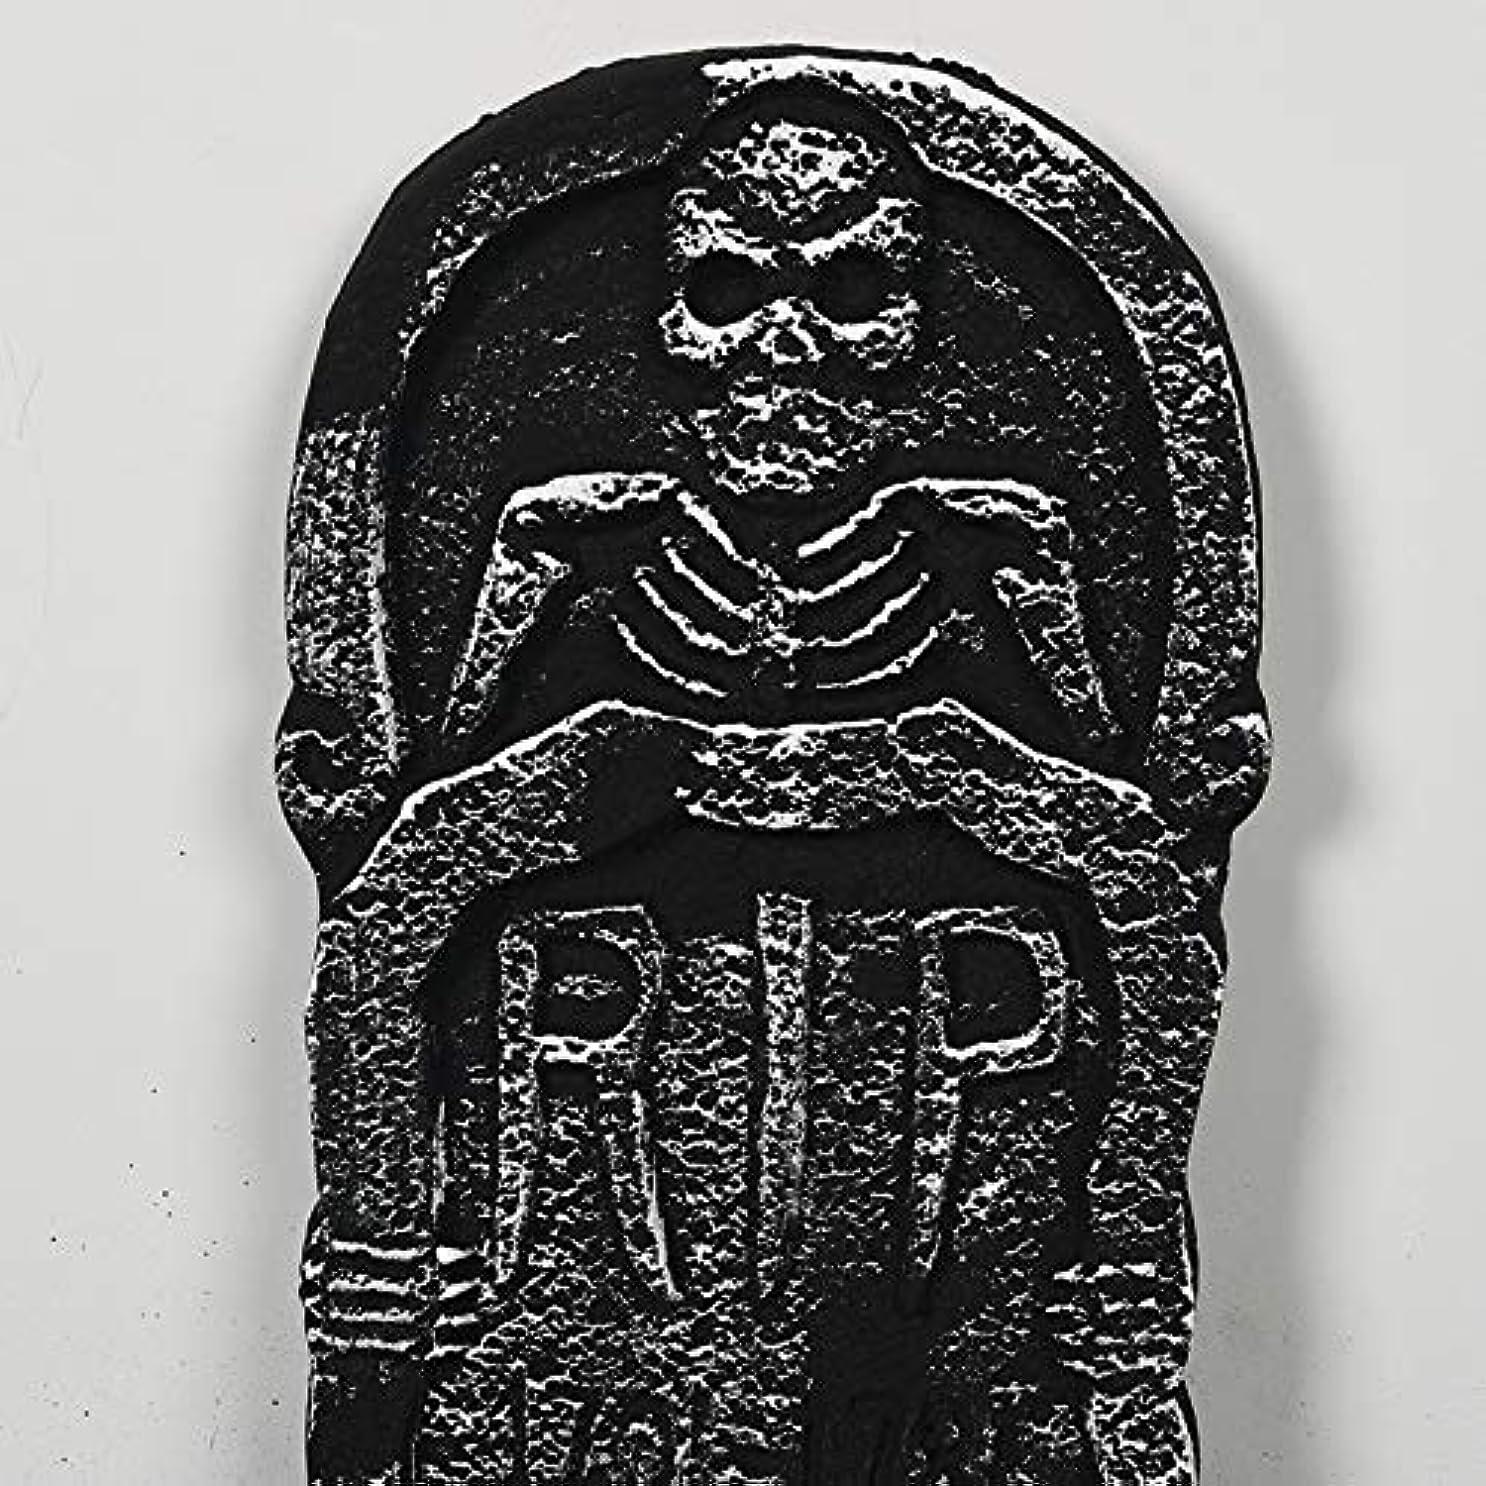 天もっともらしい地区ETRRUU HOME 4ピース三次元墓石ハロウィーン装飾バーお化け屋敷の秘密の部屋怖い装飾パーティー雰囲気レイアウト小道具